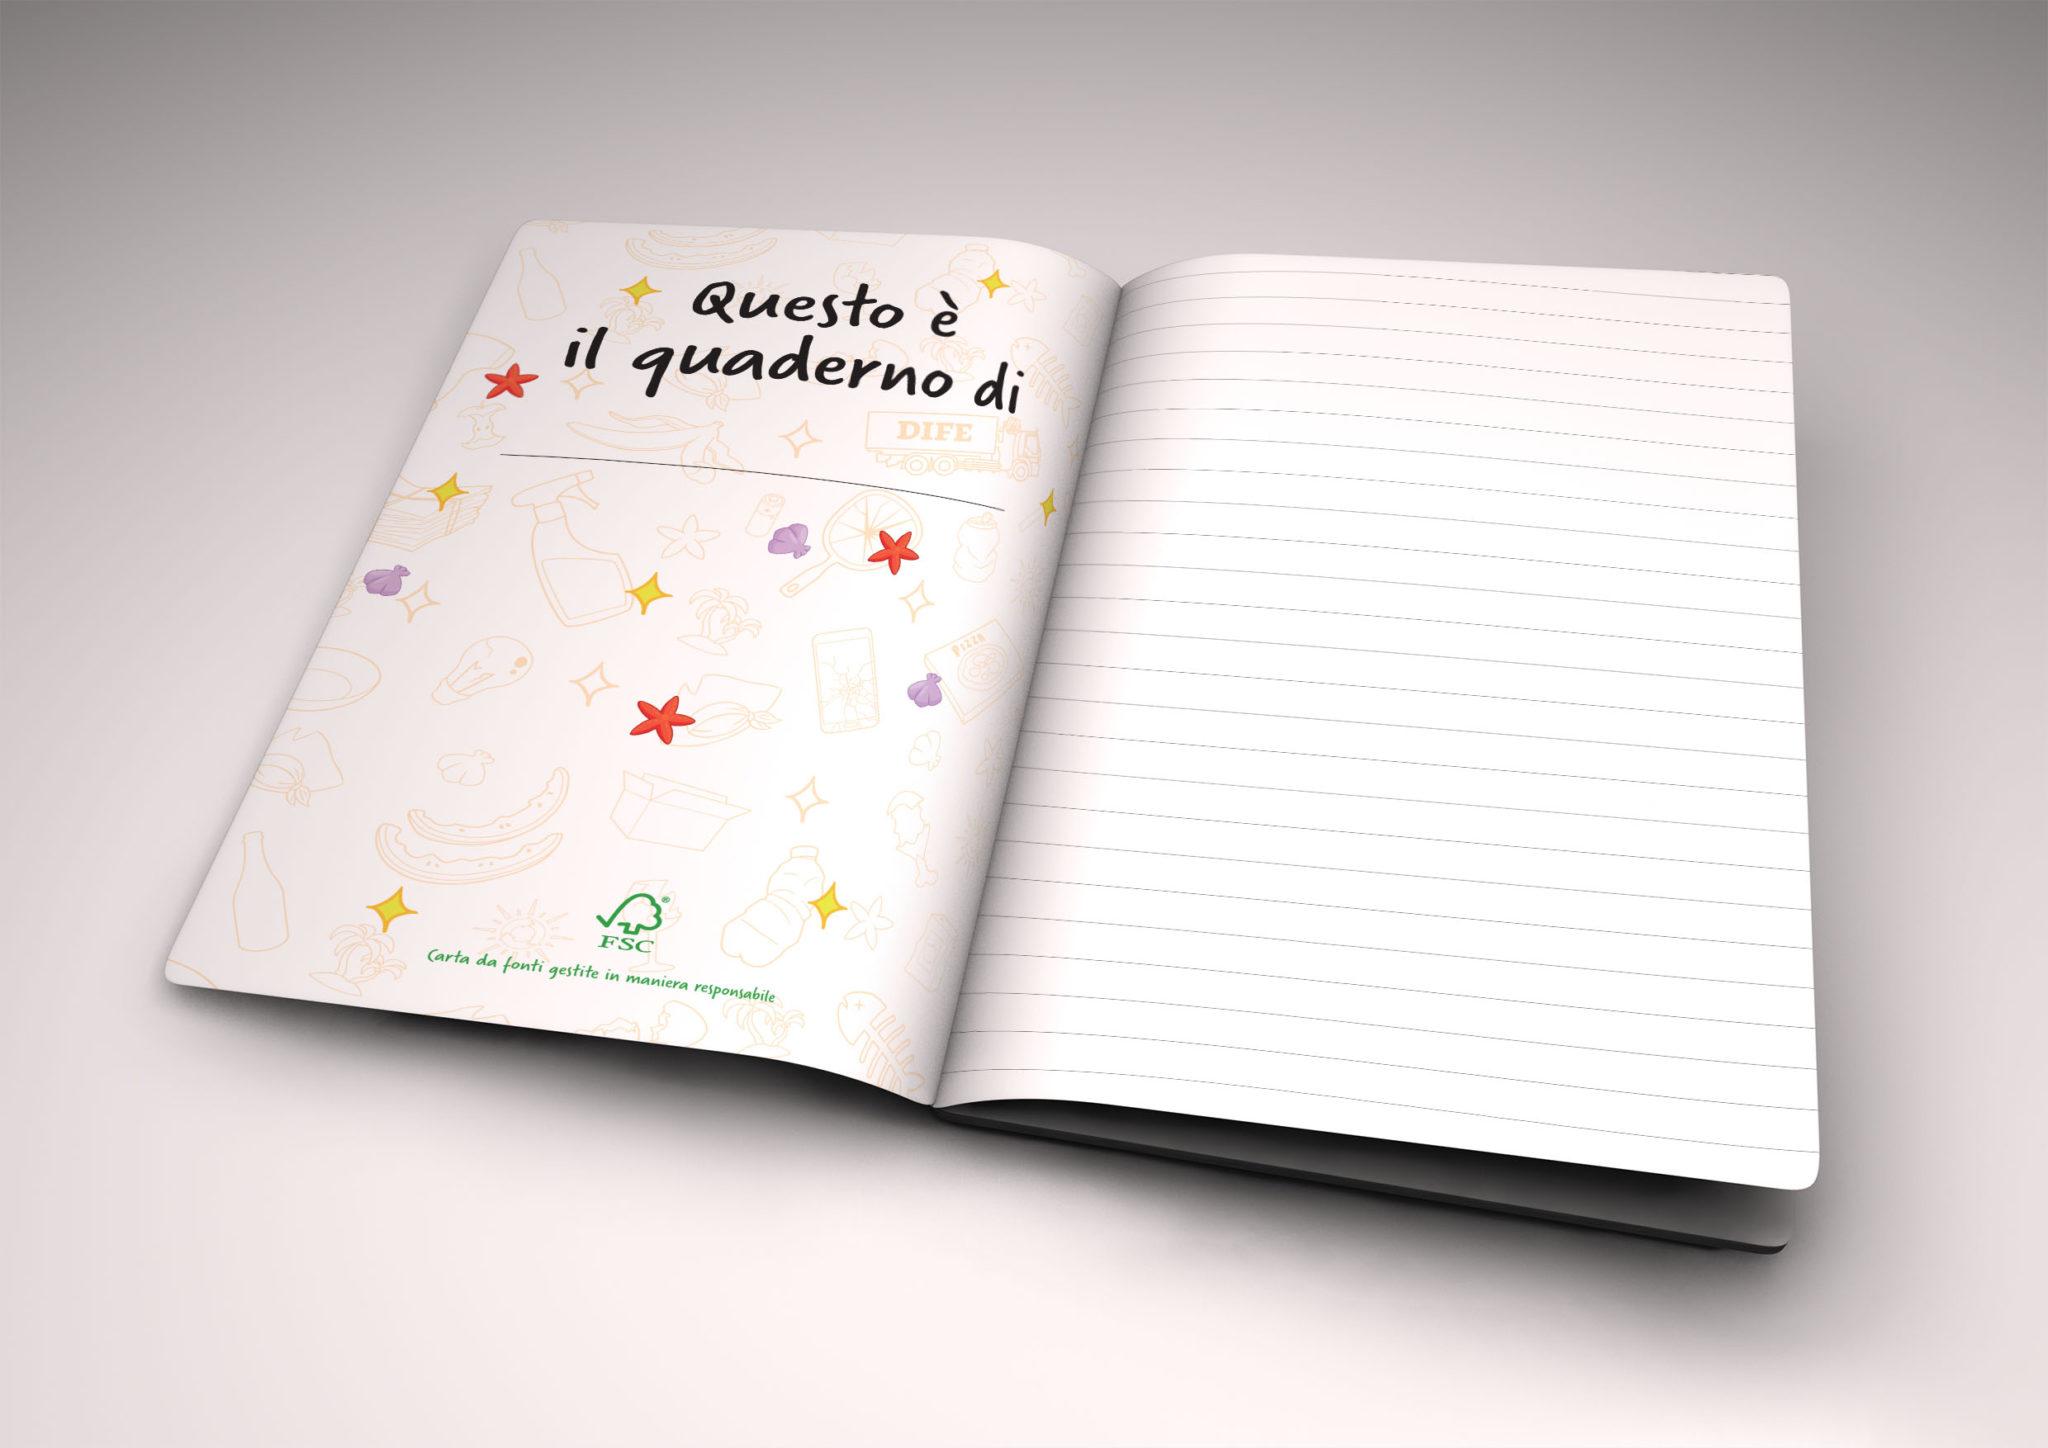 Quaderno DIFE-nuovi gadget